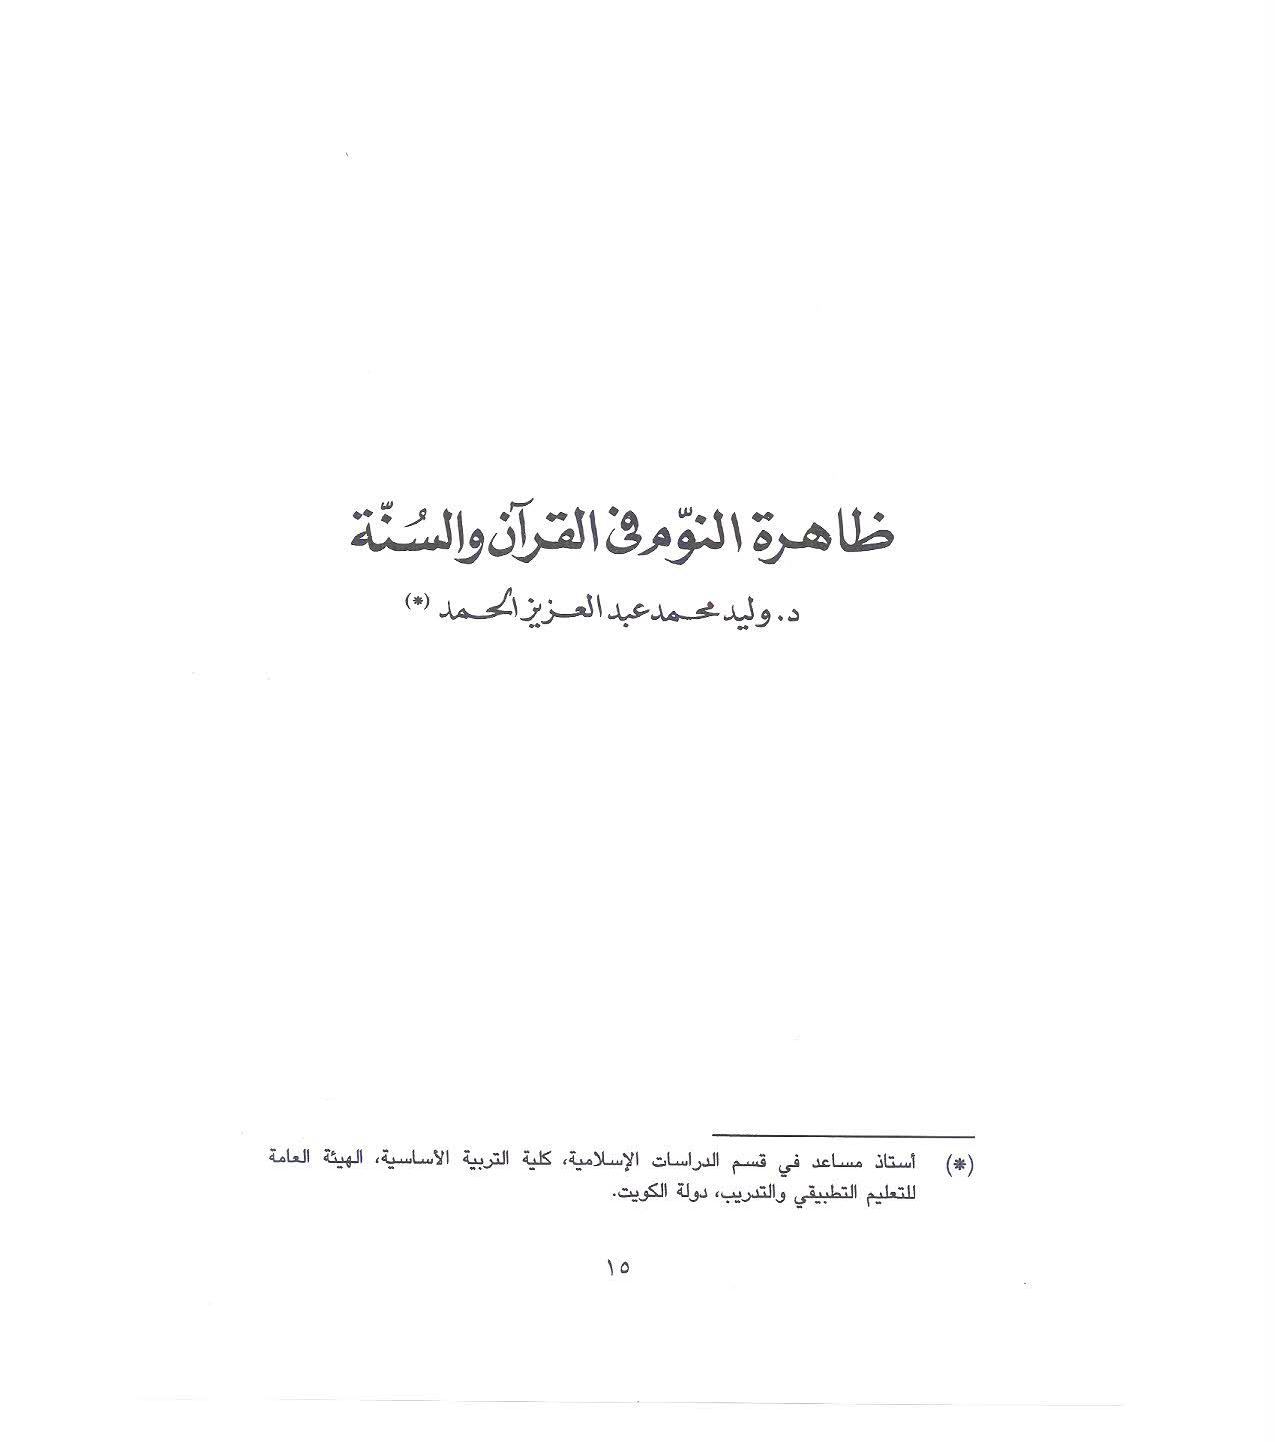 تحميل كتاب ظاهرة النوم في القرآن والسنة لـِ: الدكتور وليد محمد عبد العزيز الحمد